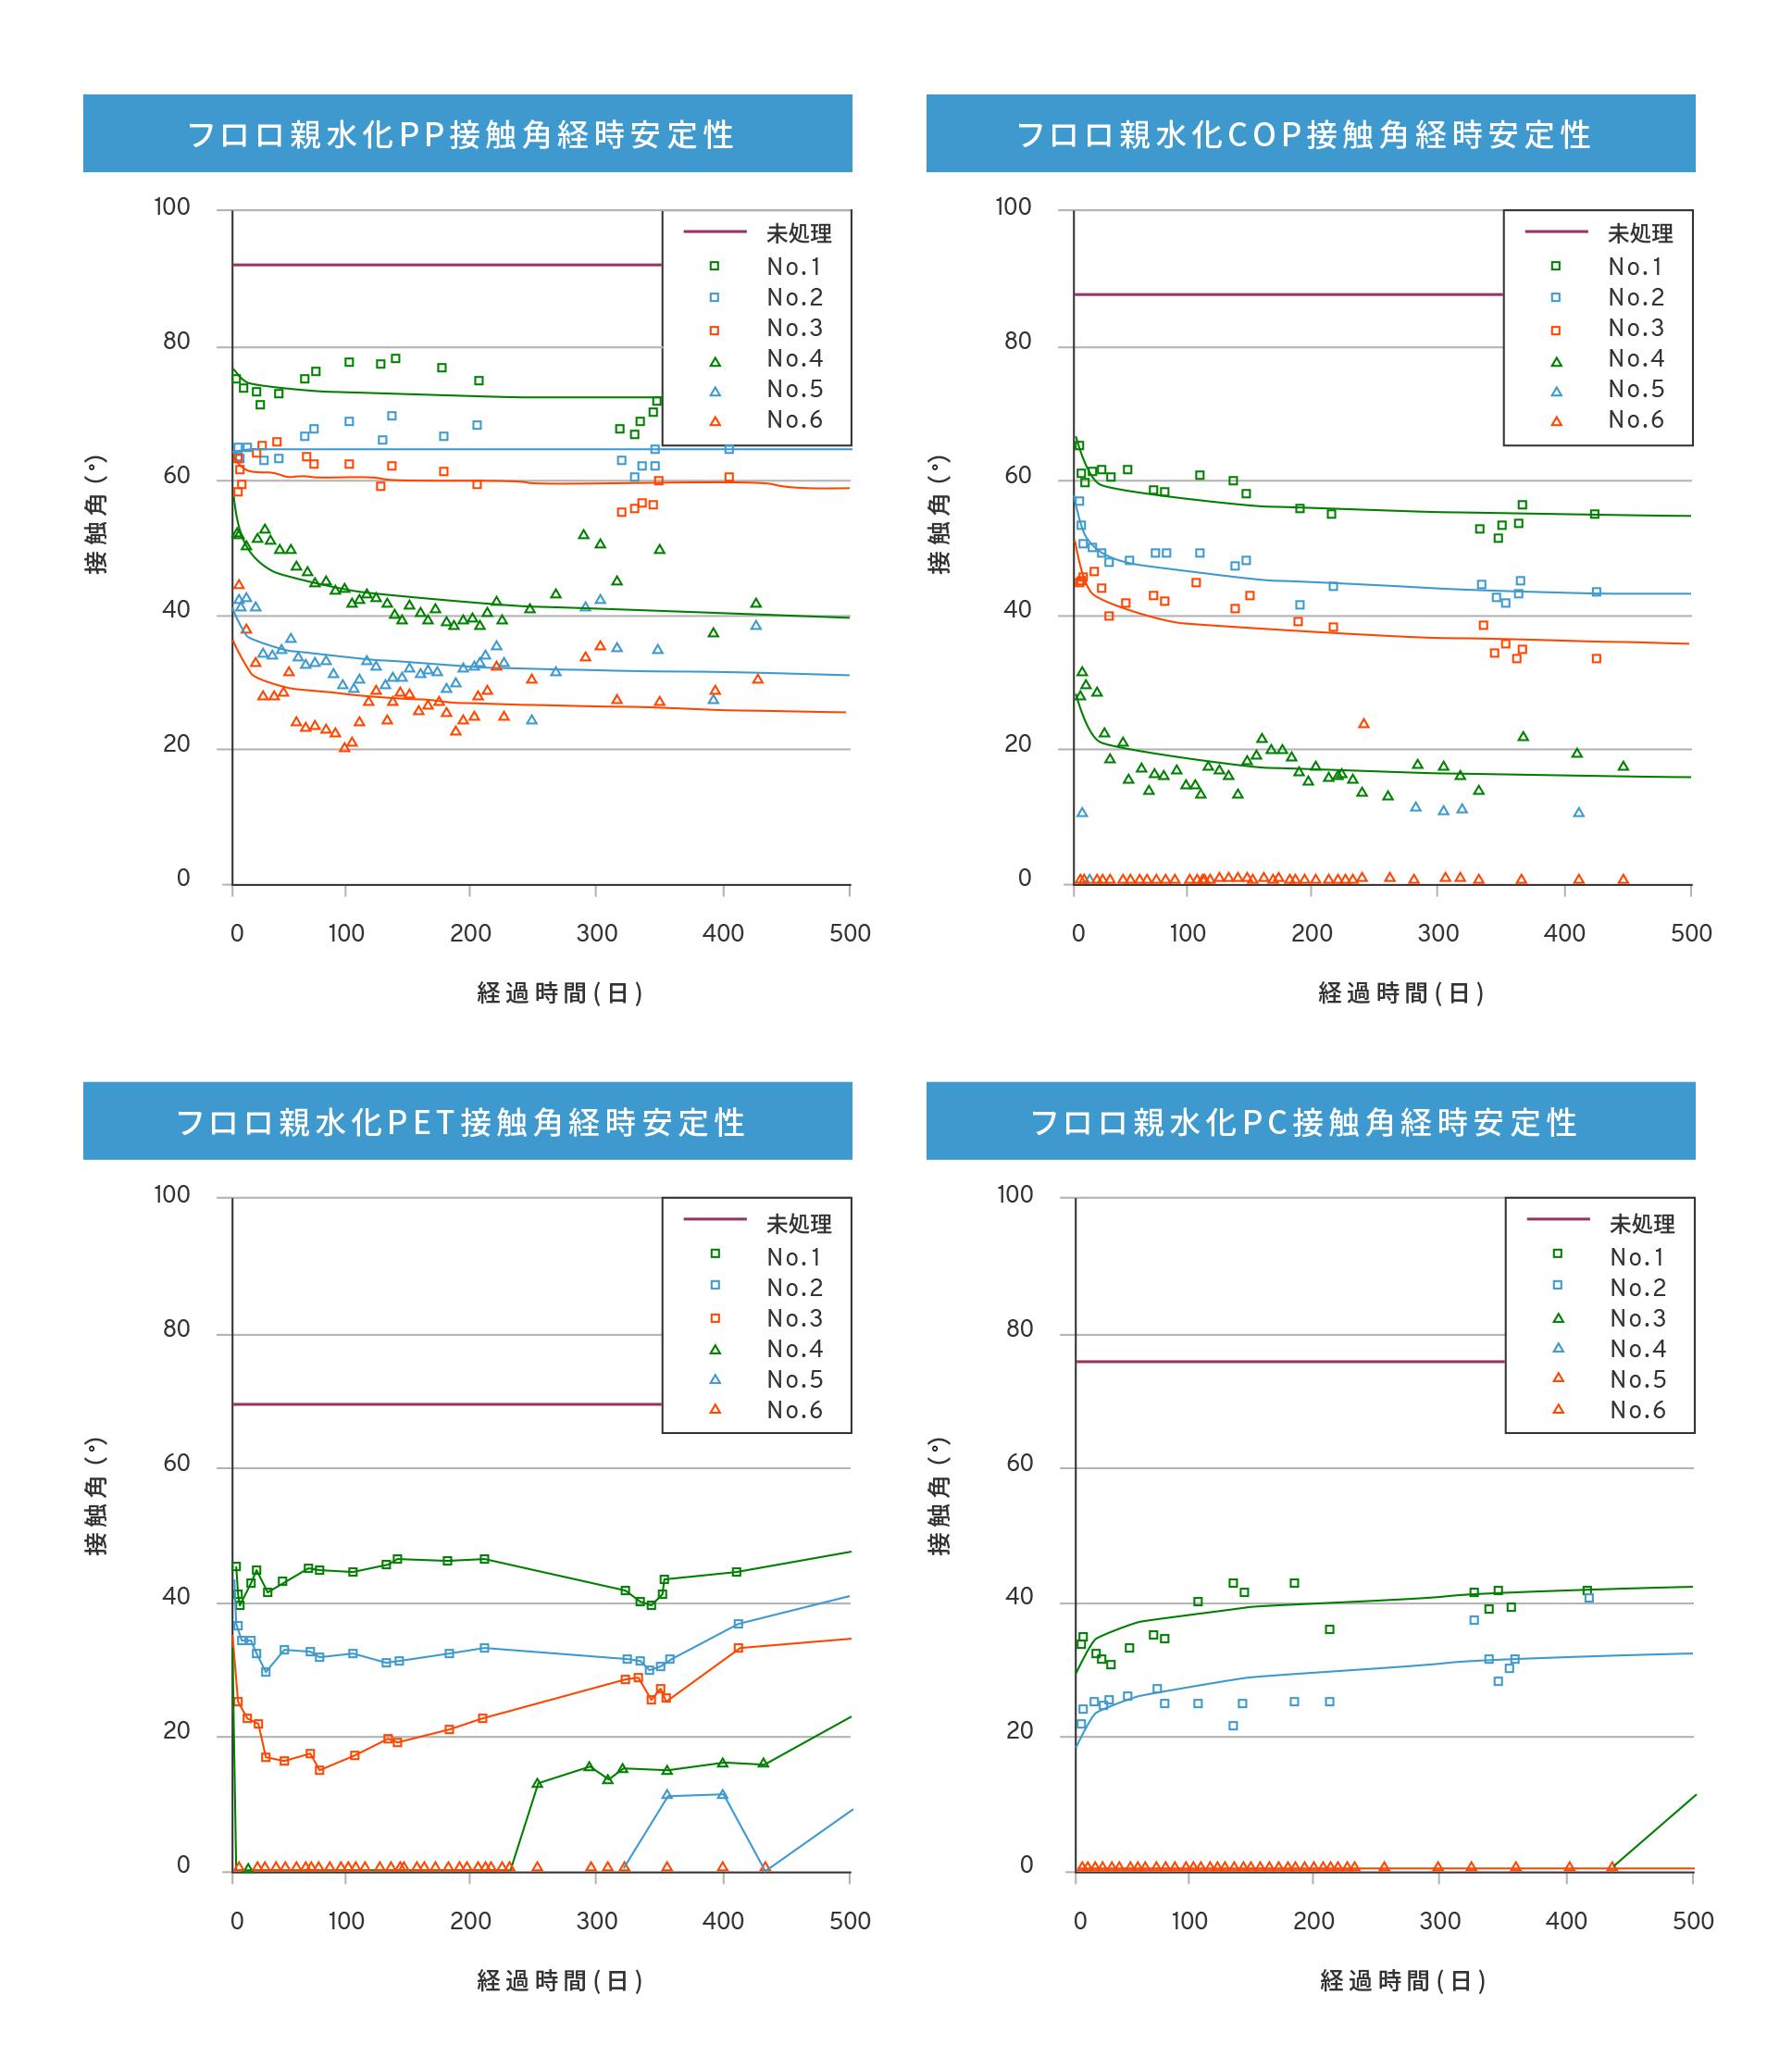 フロロ親水化の長期安定性